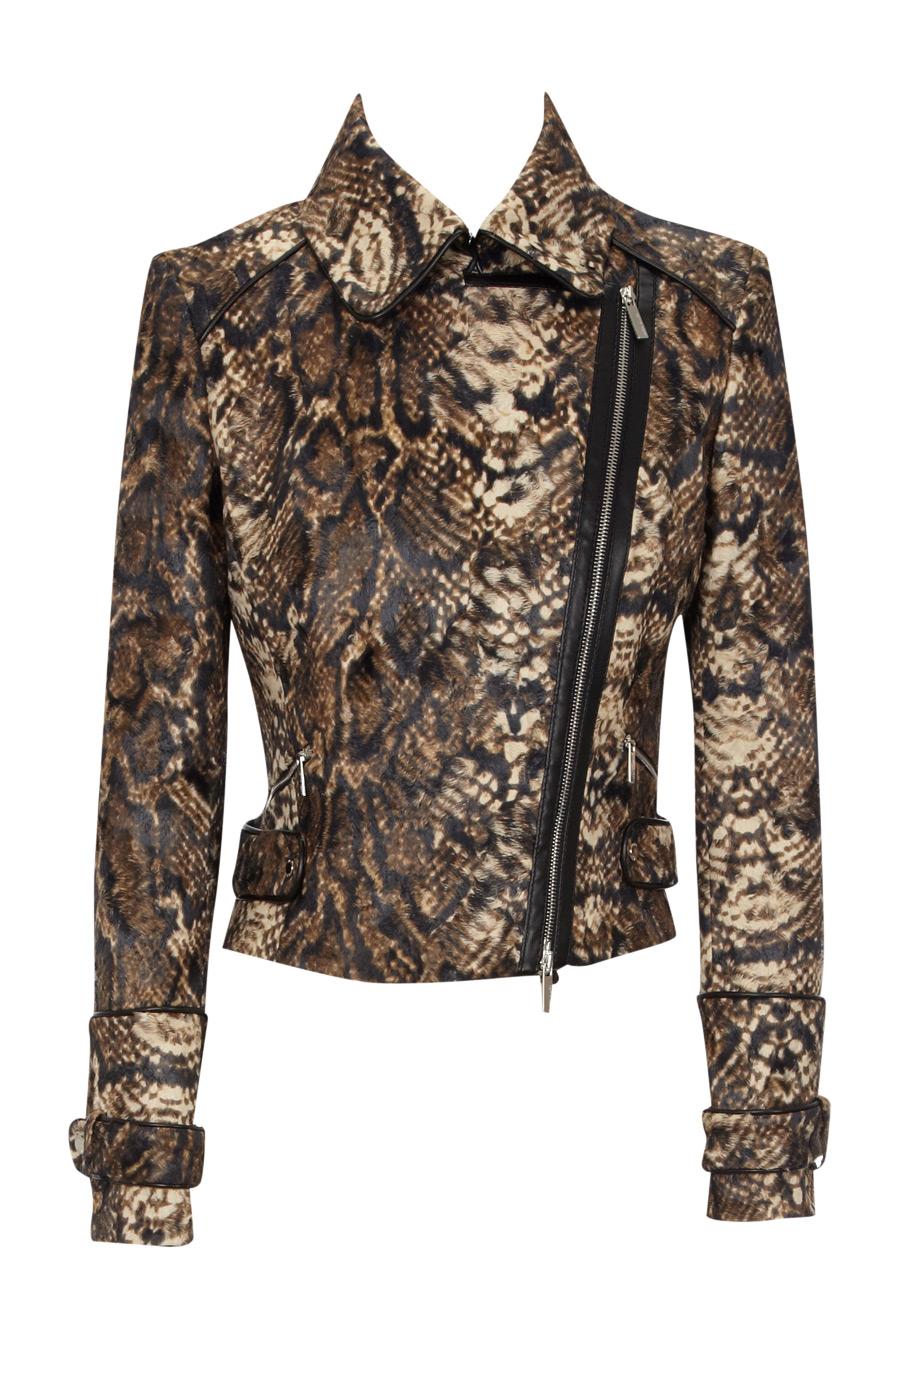 Snake print biker jacket at karenmillen.com